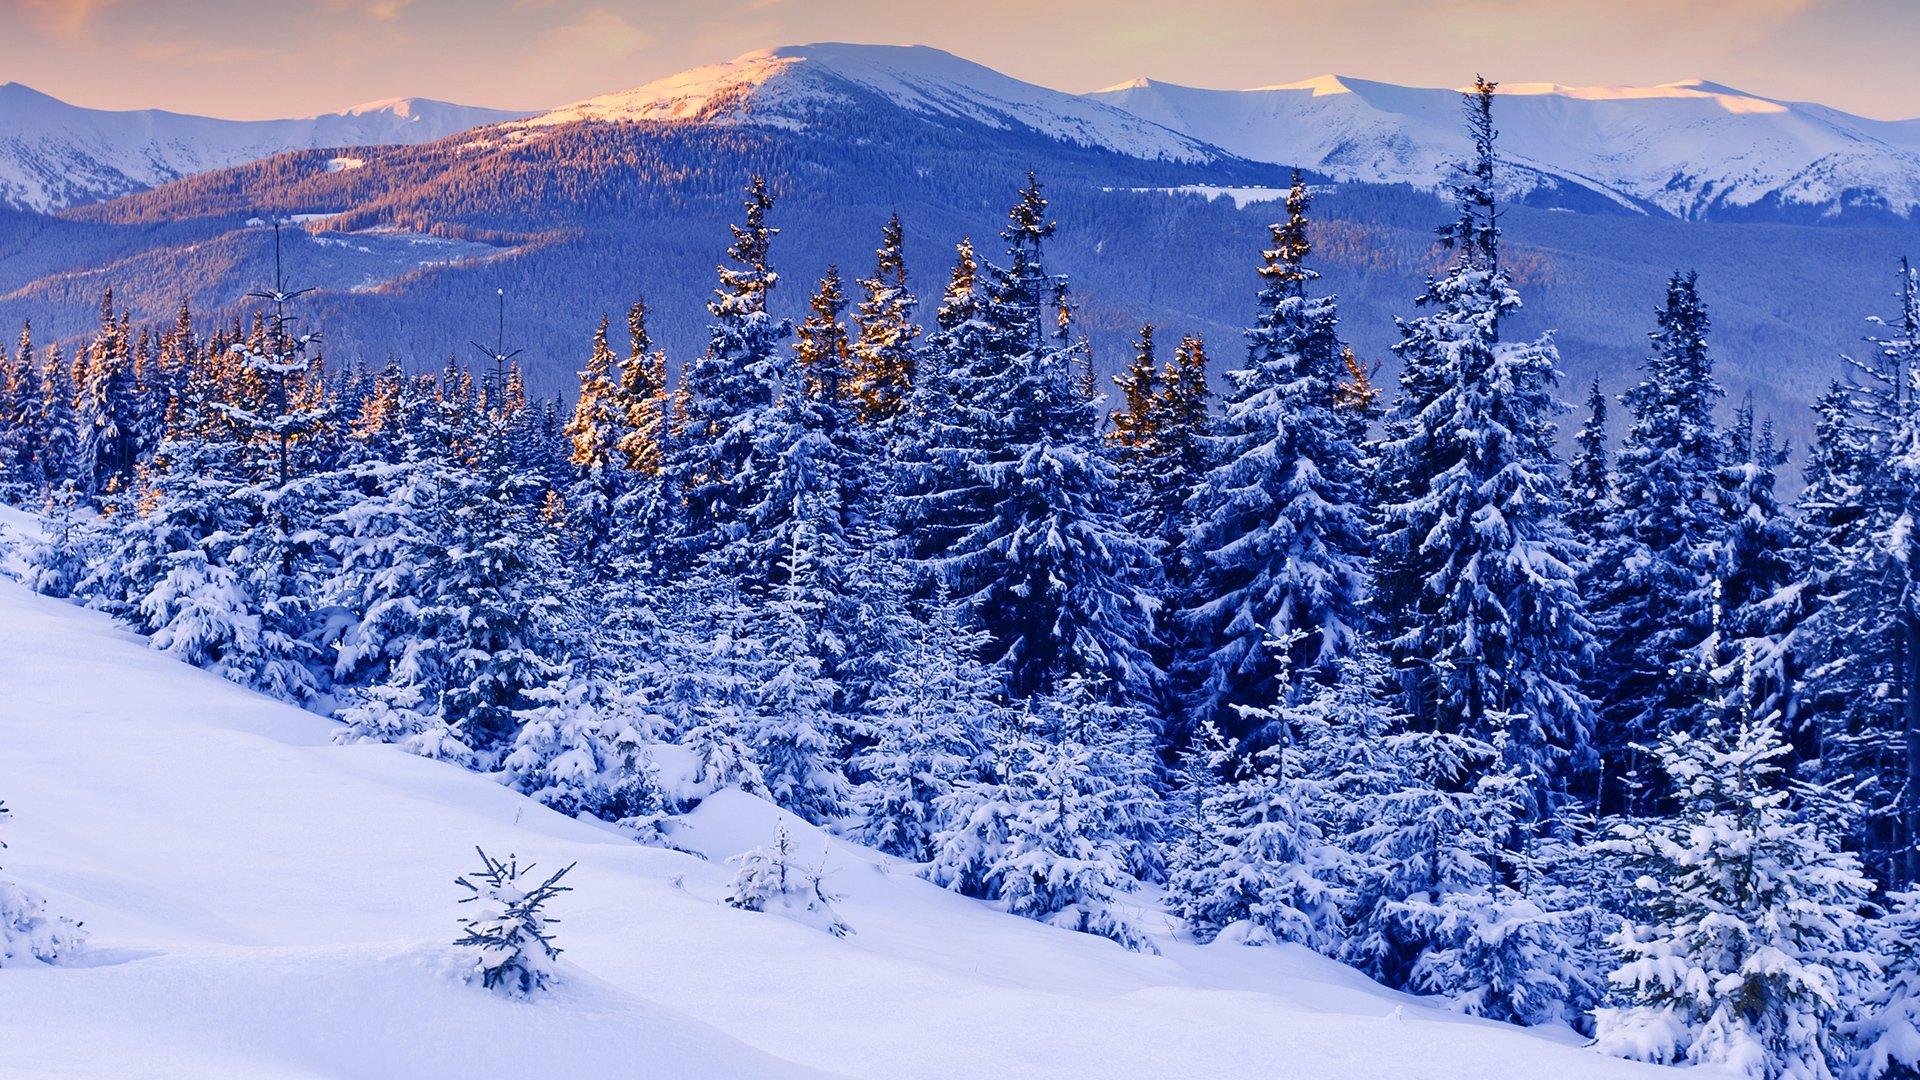 Картинки зимней тематики